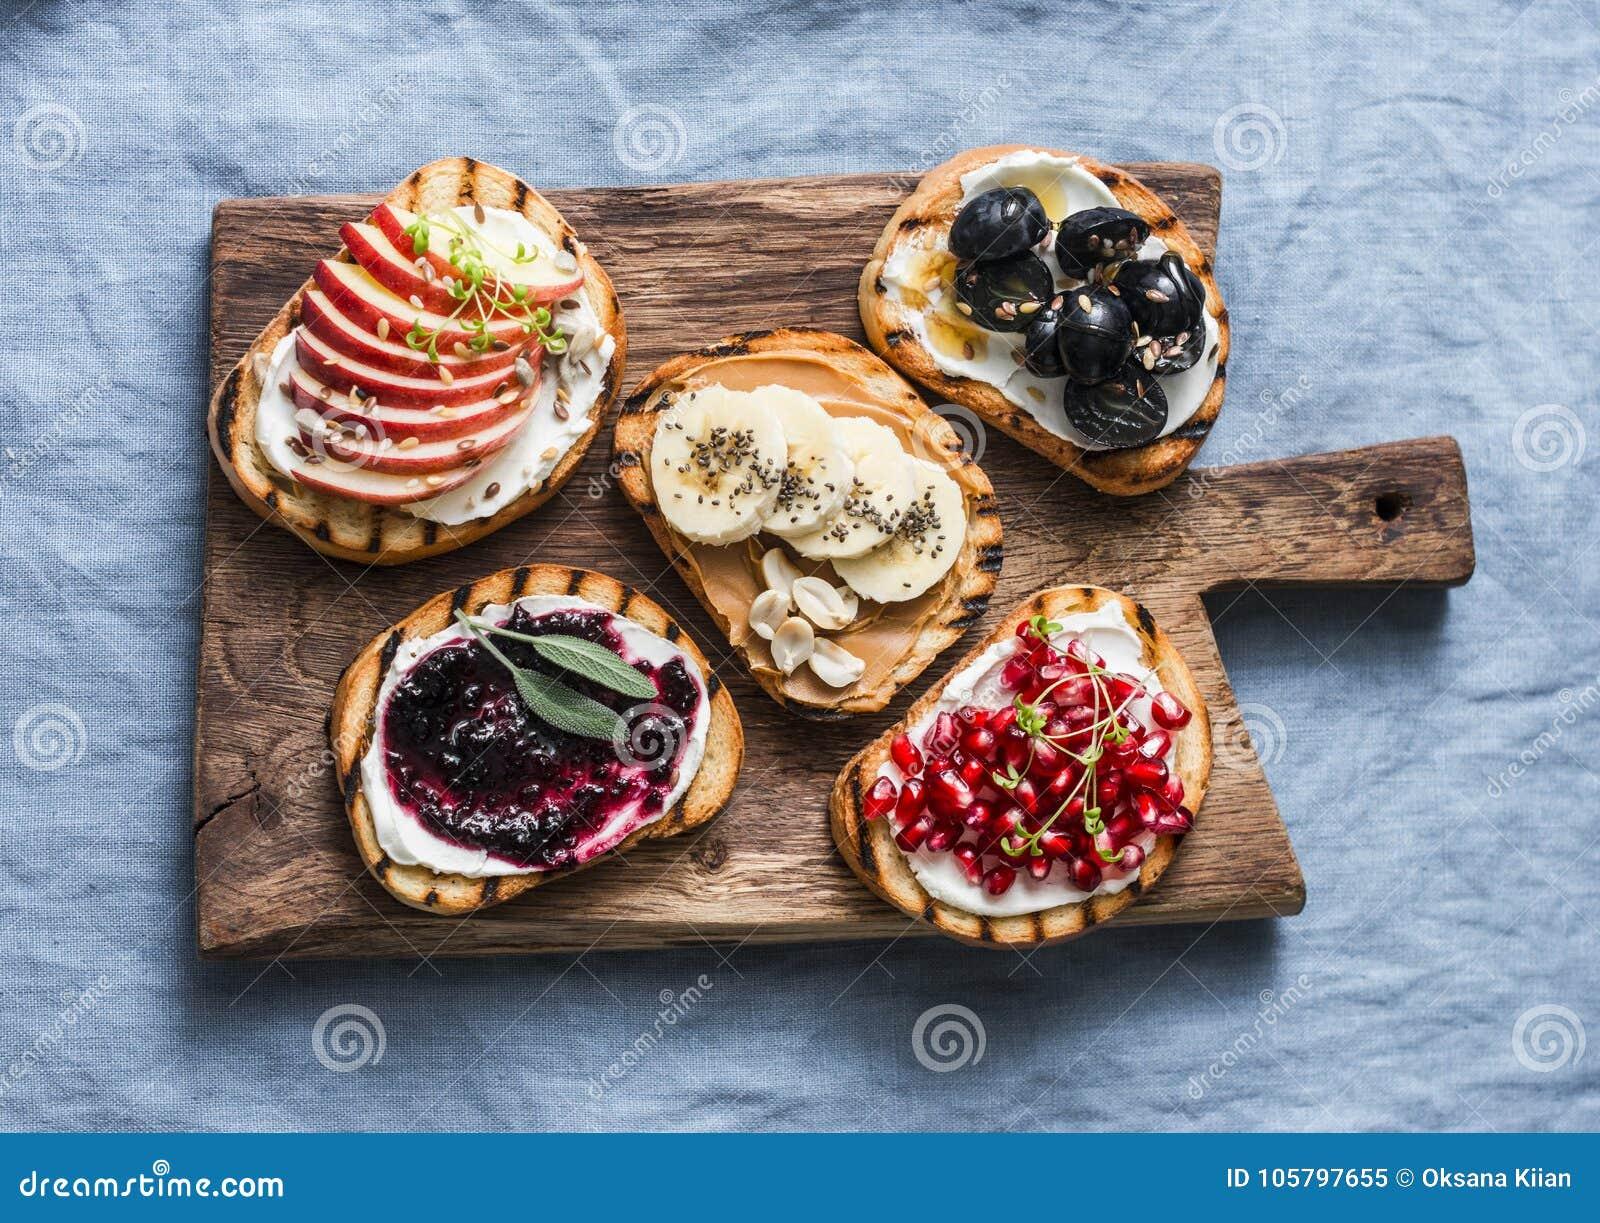 品种烤面包点心小板材三明治用乳脂干酪和苹果,石榴,果酱,葡萄,花生酱,香蕉